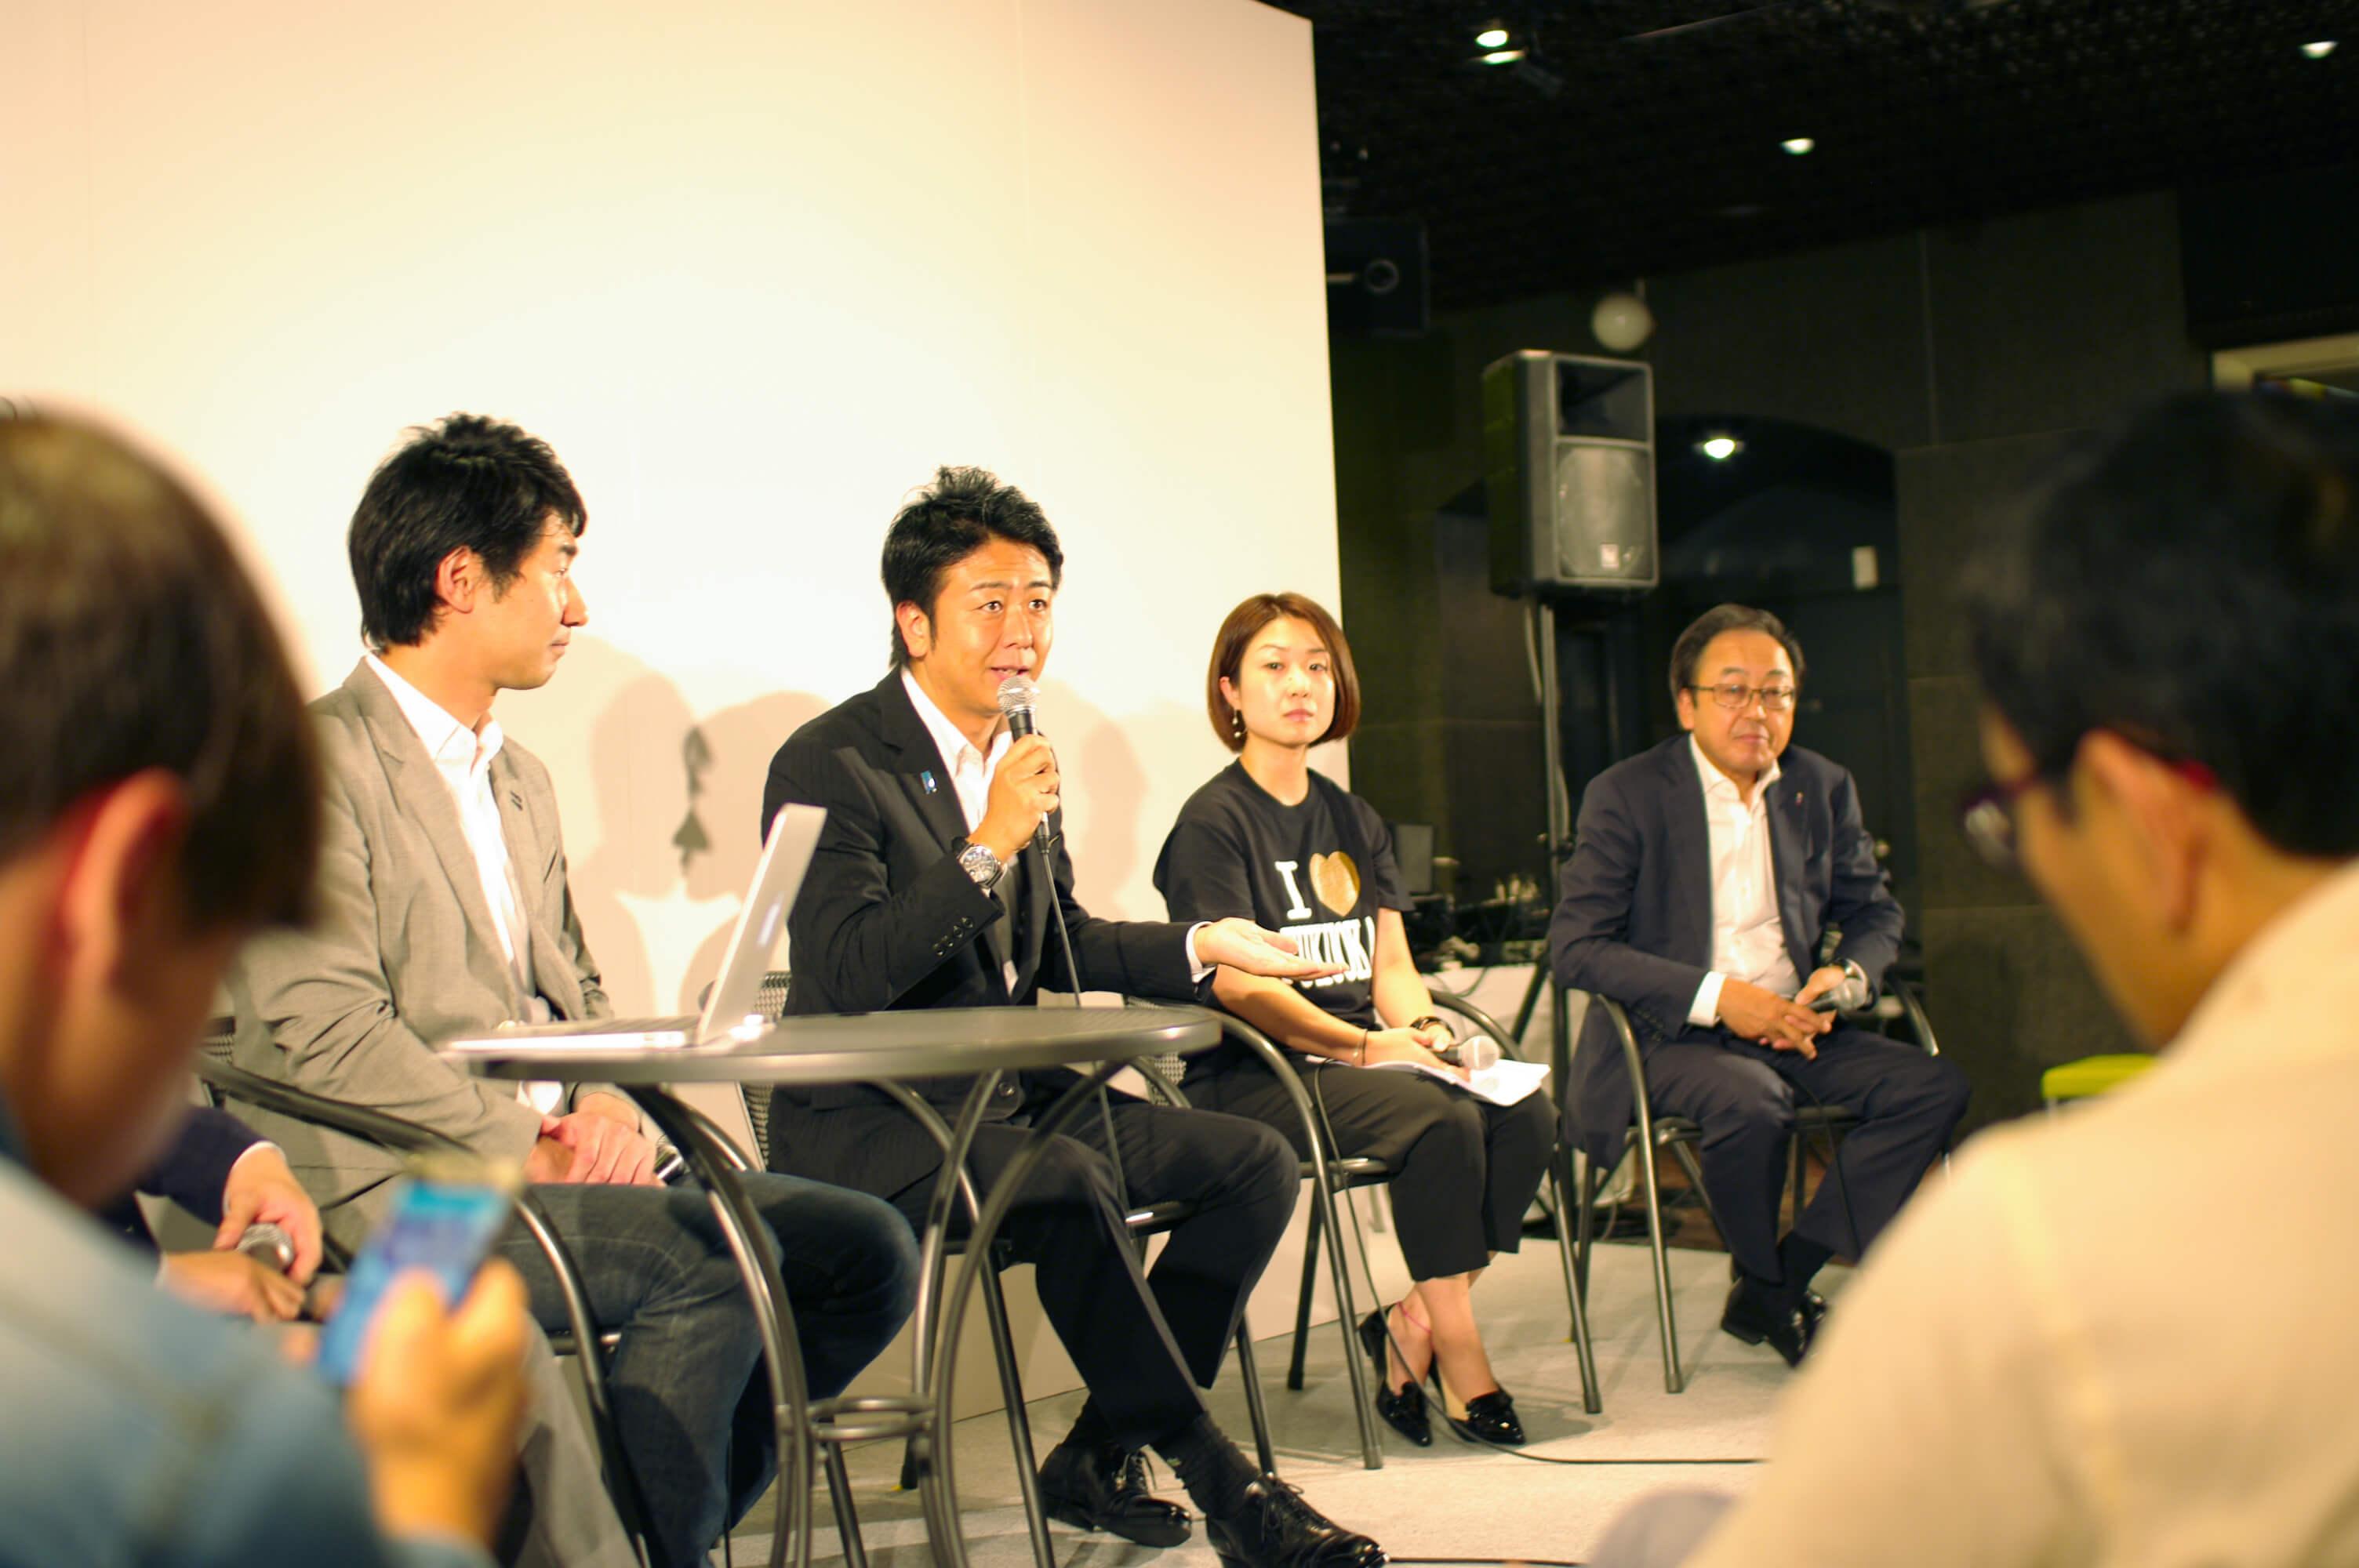 福岡市と福岡地域戦略推進協議会が運営する特区1周年企画のWebサイト 「FUKUOKA INNOVATION WAVE」のロゴを制作させて頂きました。  また、特区1周年記念イベントとして行われた「FUKUOKA STREAM」の ロゴ制作・Opening reel制作・全体演出・進行をさせて頂きました。